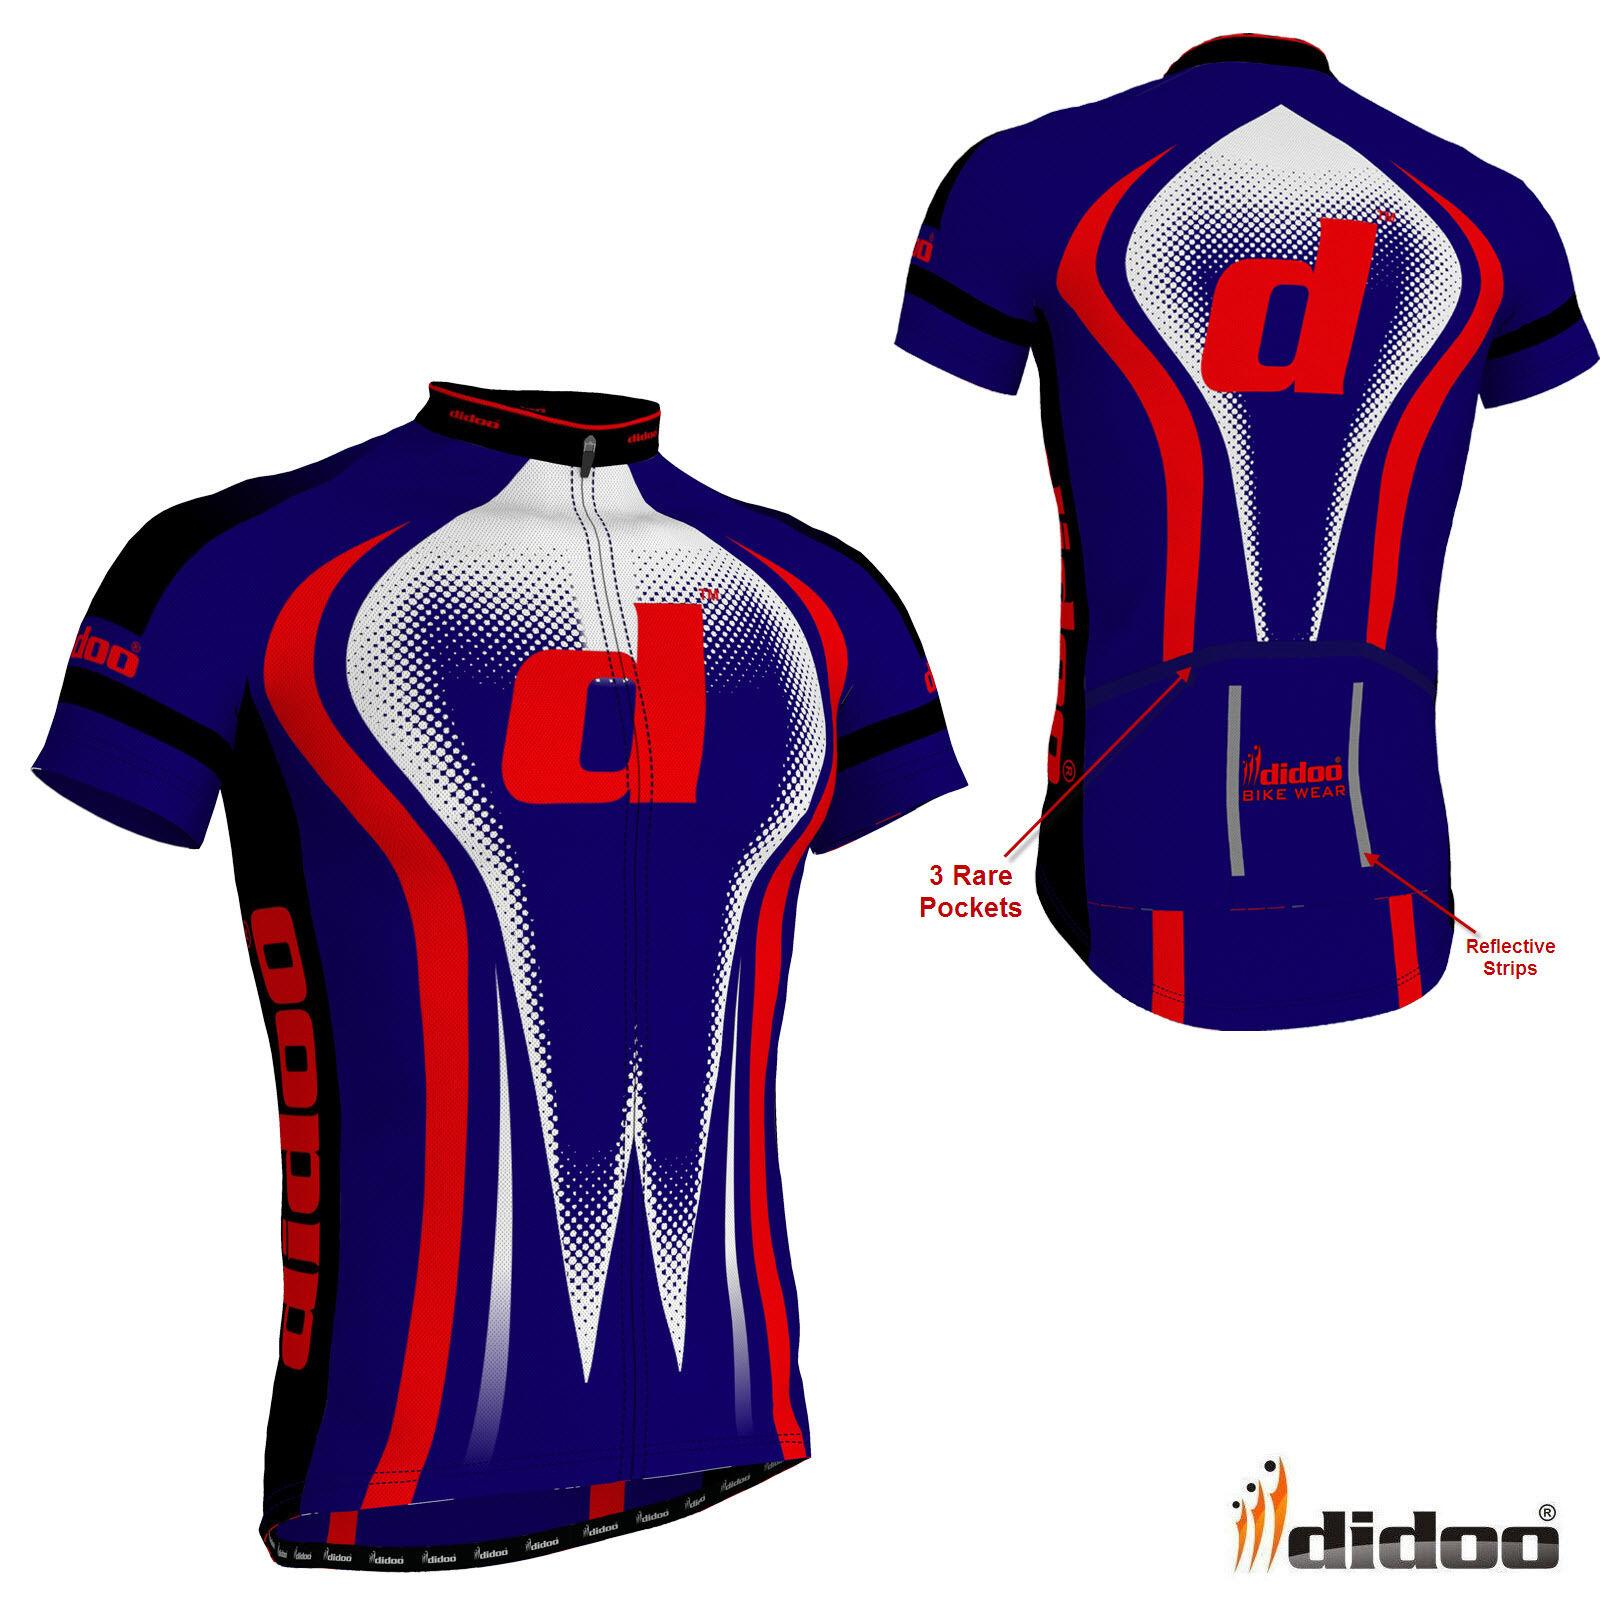 bikini Cycle t-shirt contest